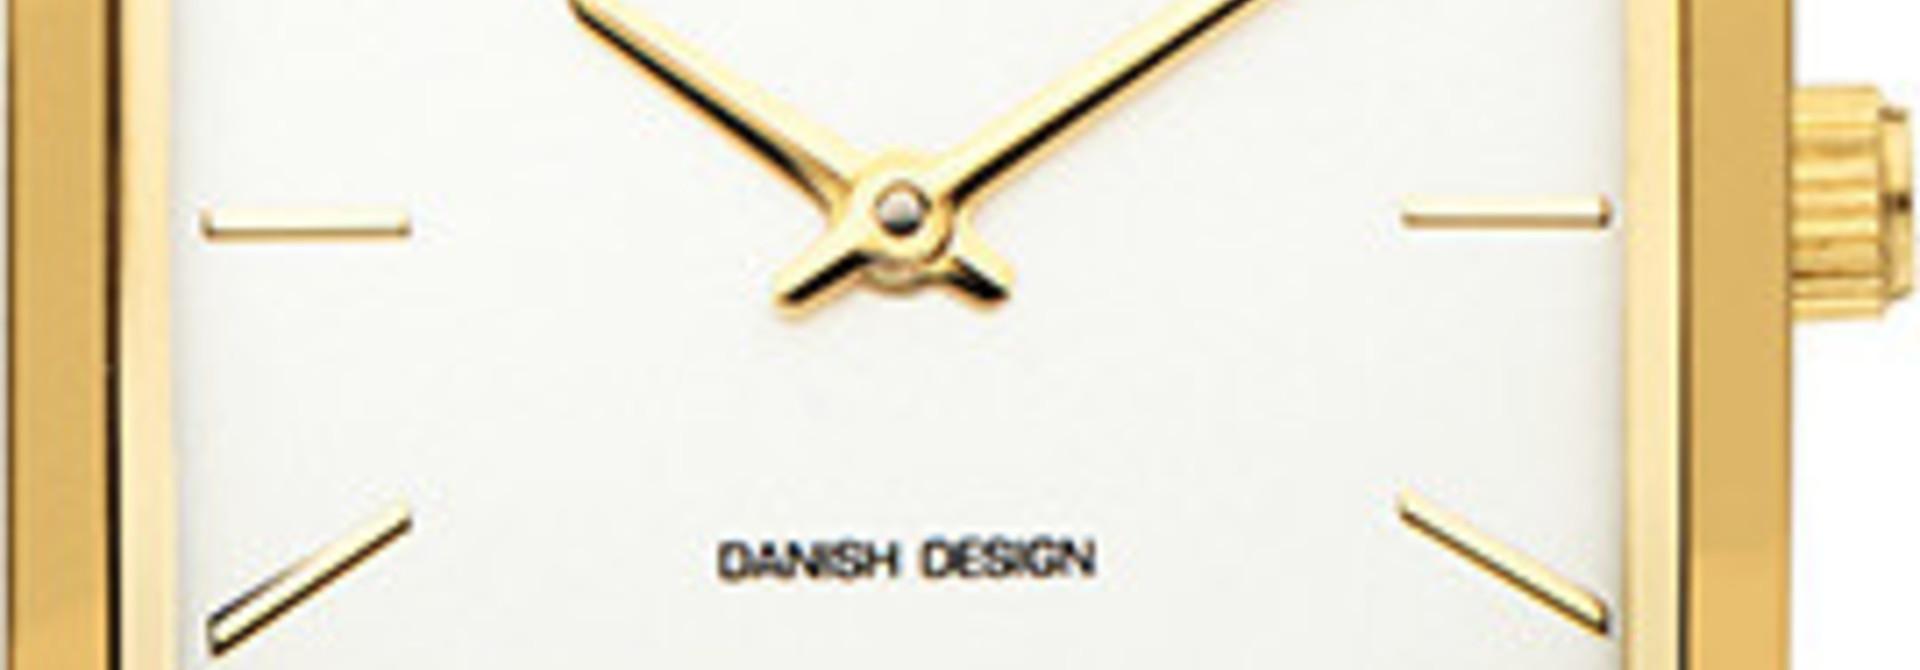 Danish Design Miami Iv65Q1248